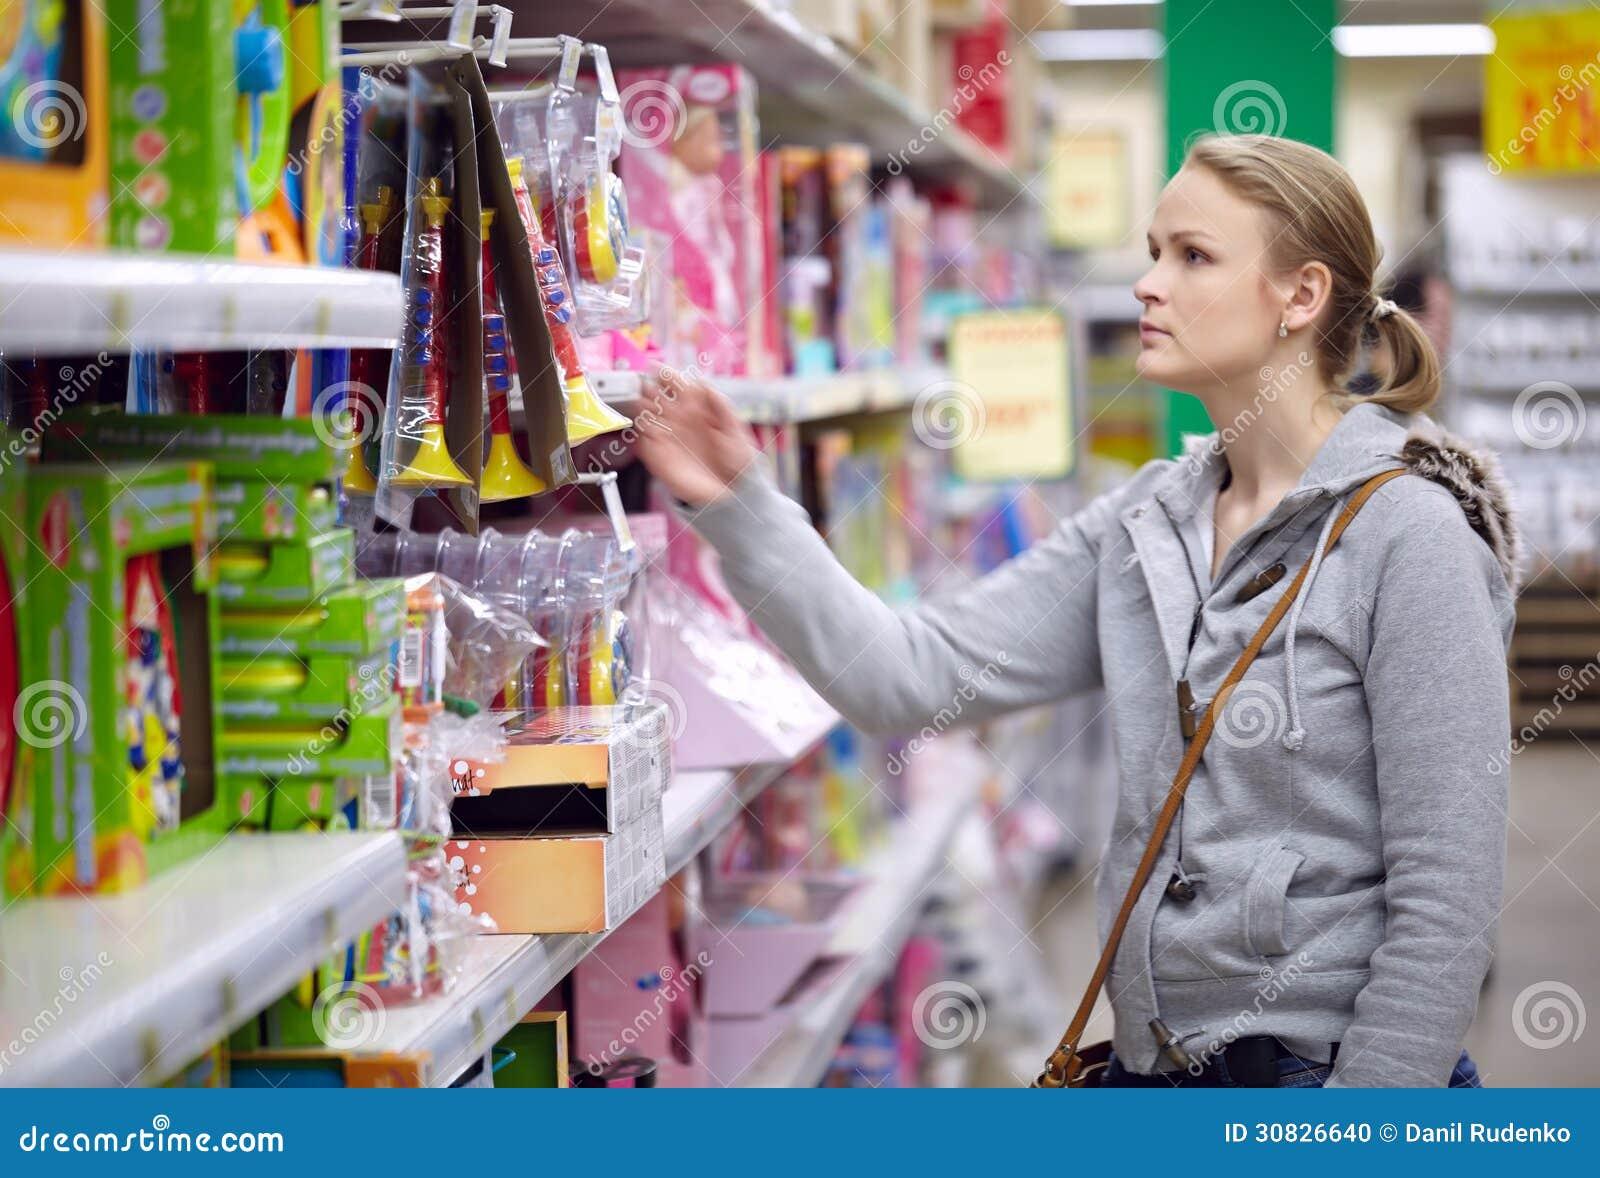 La giovane donna sta scegliendo i giocattoli per il suo bambino.